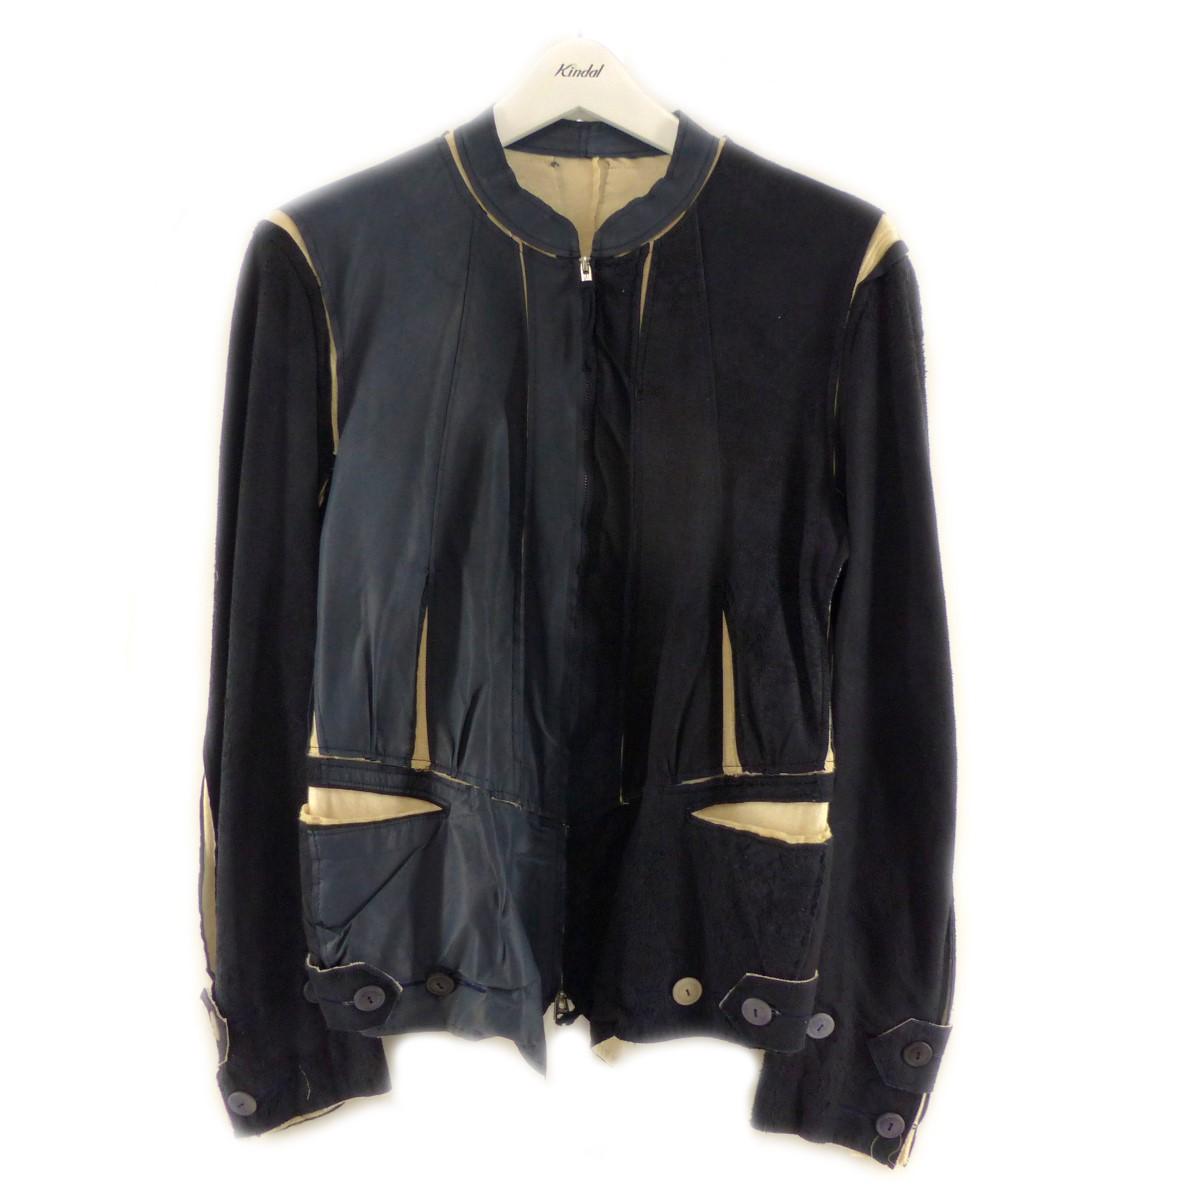 【中古】TAKAHIROMIYASHITA TheSoloIst. Nobled Zip up jacket ネイビー サイズ:XS 【290820】(タカヒロミヤシタザソロイスト)